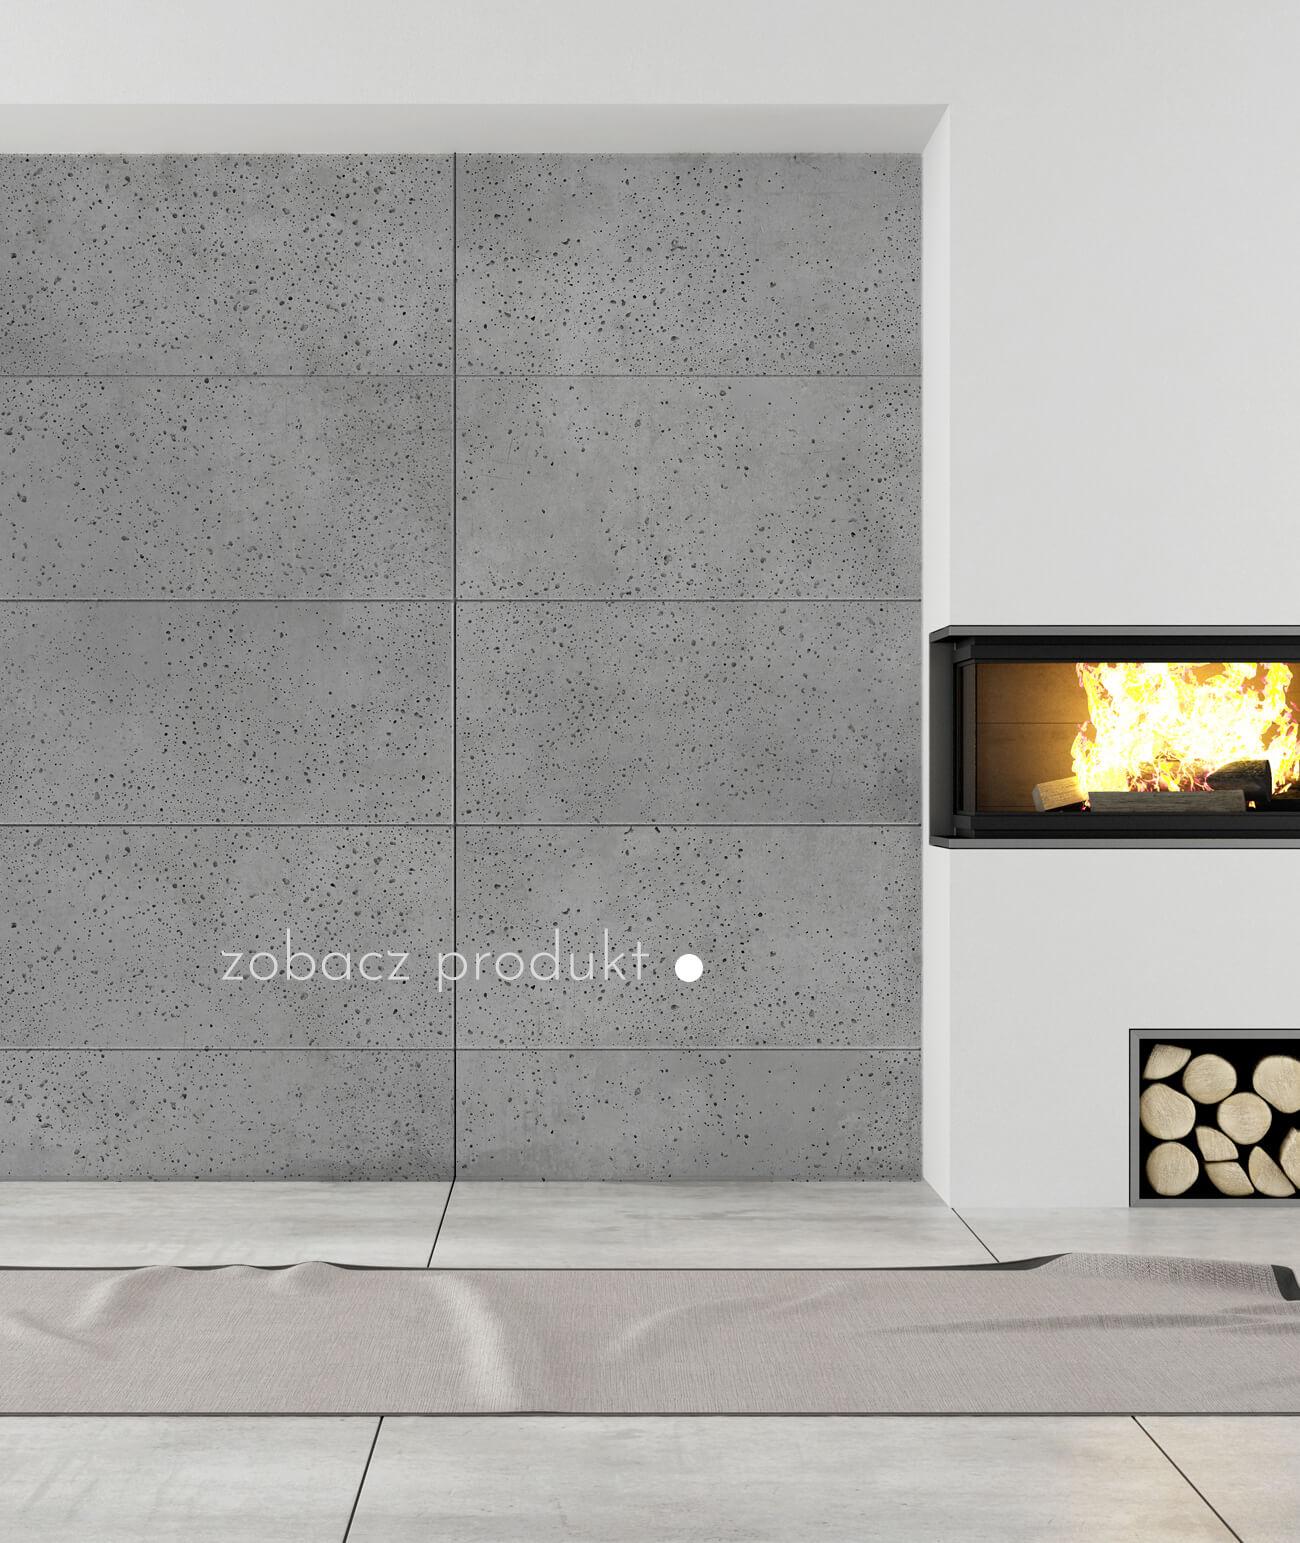 plyty-betonowe-scienne-i-elewacyjne-beton-architektoniczny_1090-23894-ds-szary---plyta-beton-architektoniczny-grc-rozne-wymiary-ultralekka